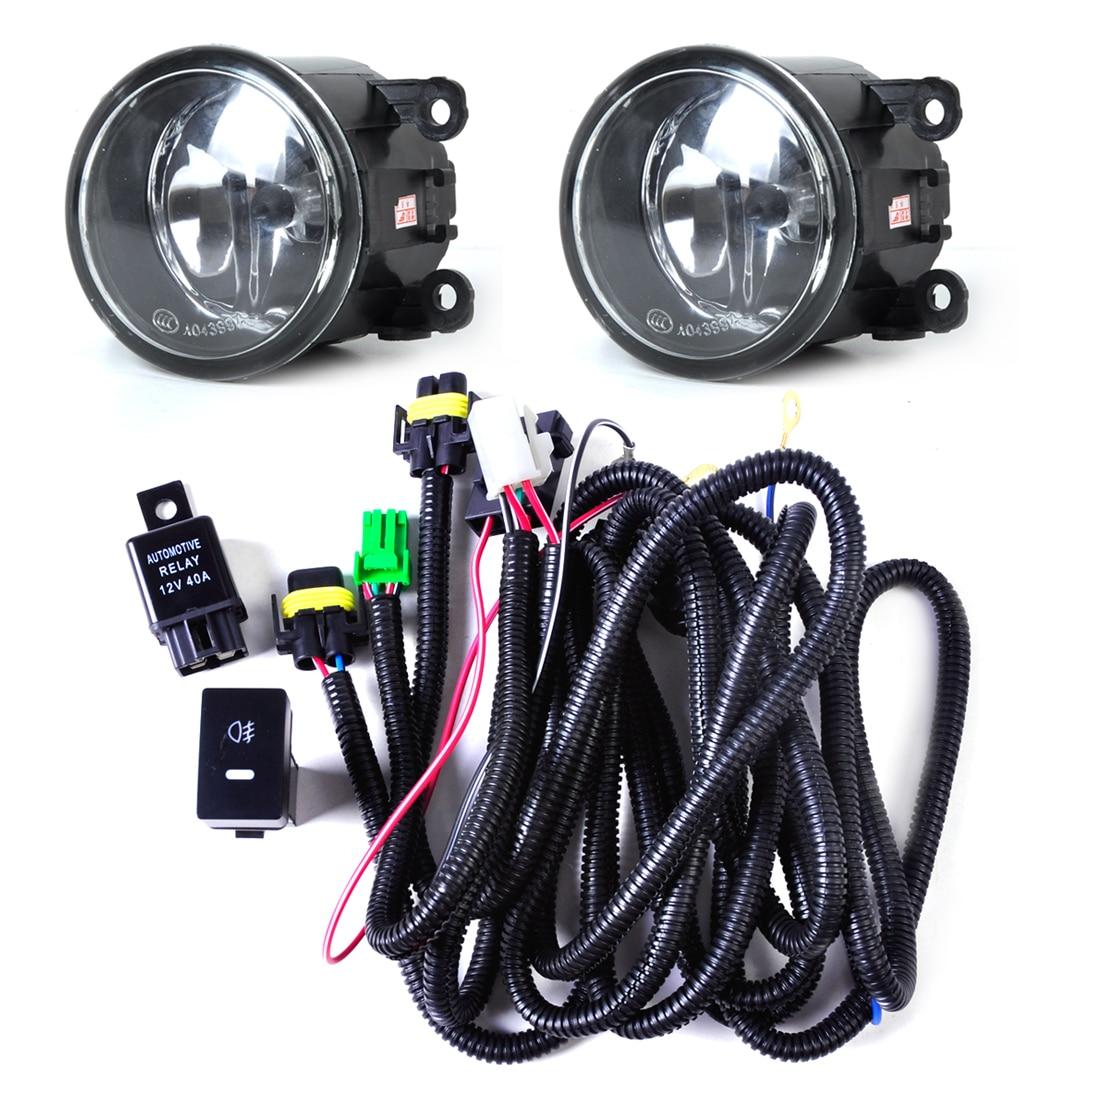 dwcx black wiring harness sockets switch 2 fog lights h11 lamp 12v 55w kit [ 1110 x 1110 Pixel ]